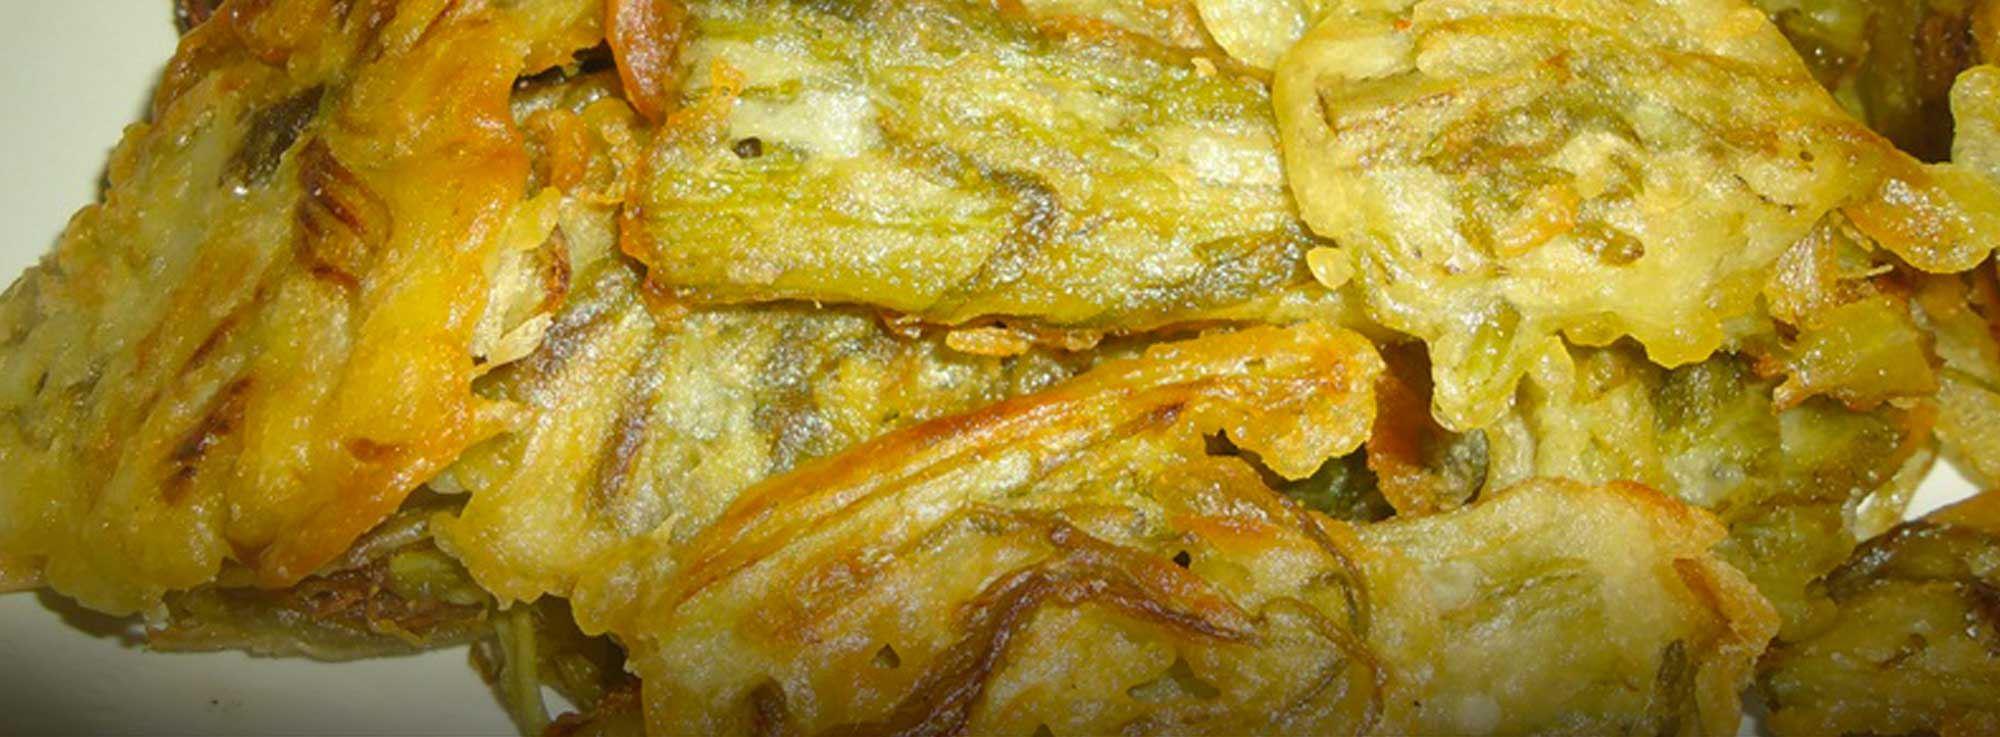 Ricetta: Cardi fritti